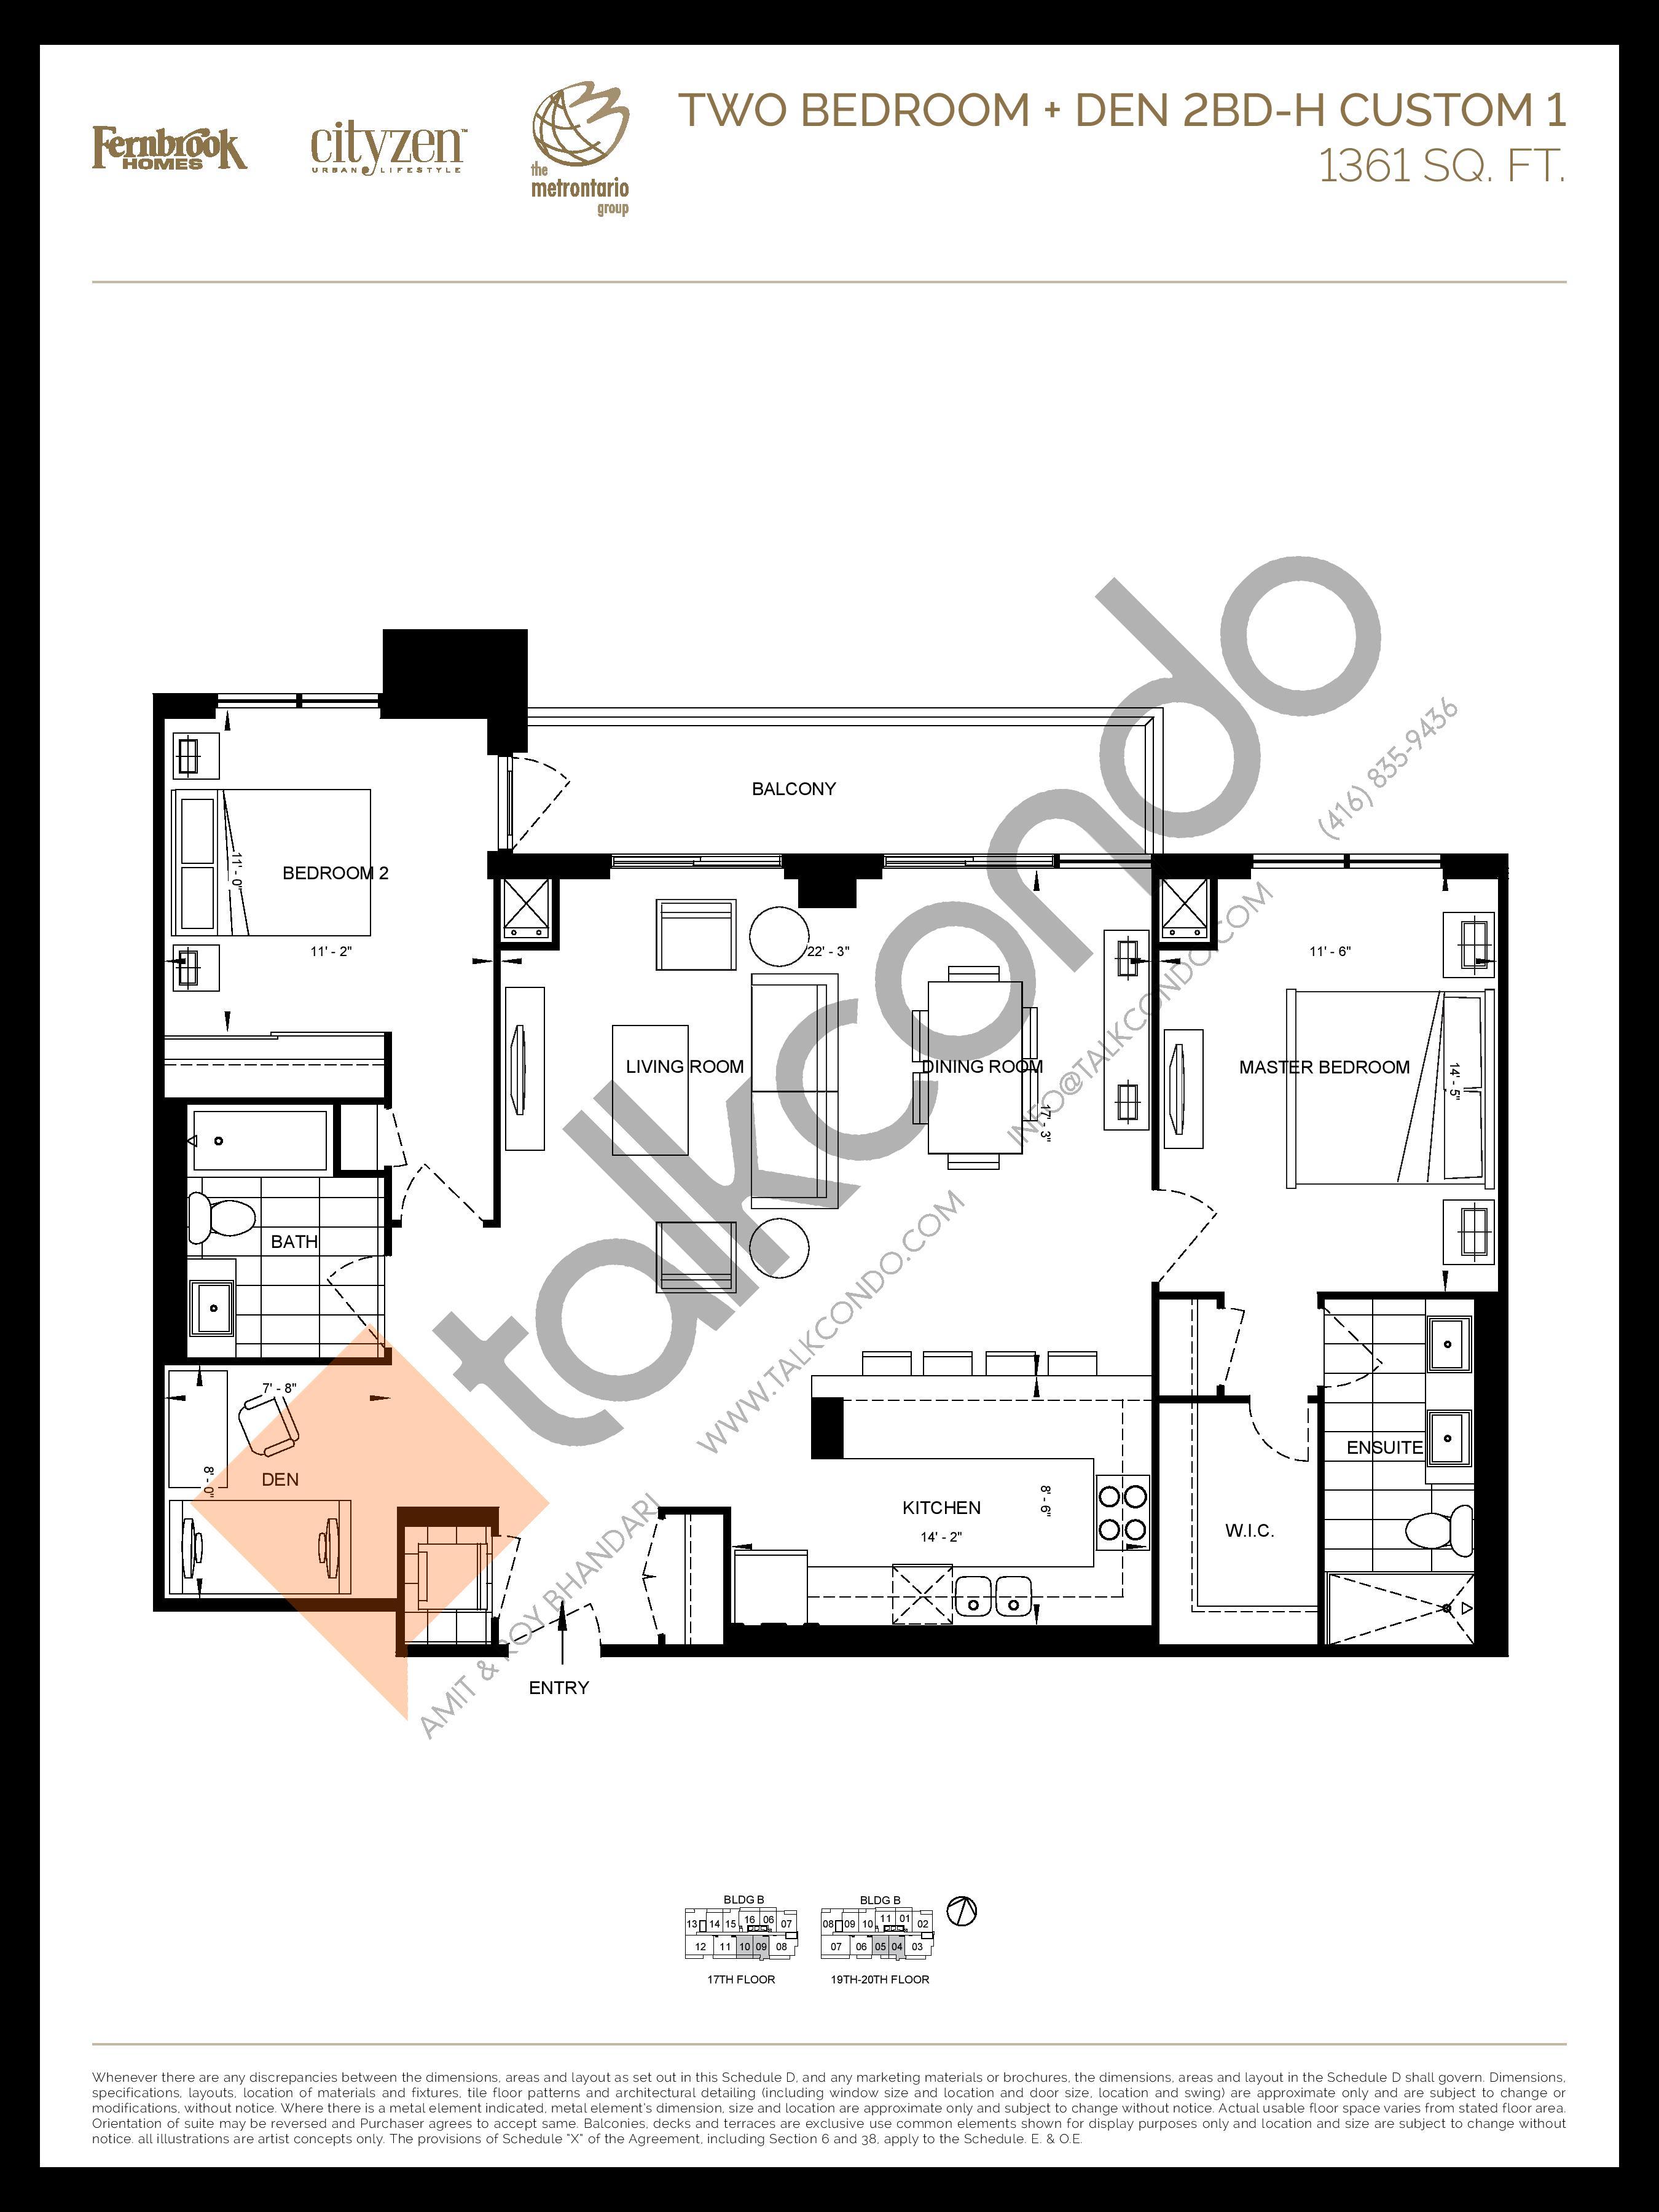 2BD-H-1 (2BD-H CUSTOM 1) Floor Plan at D'or Condos - 1361 sq.ft